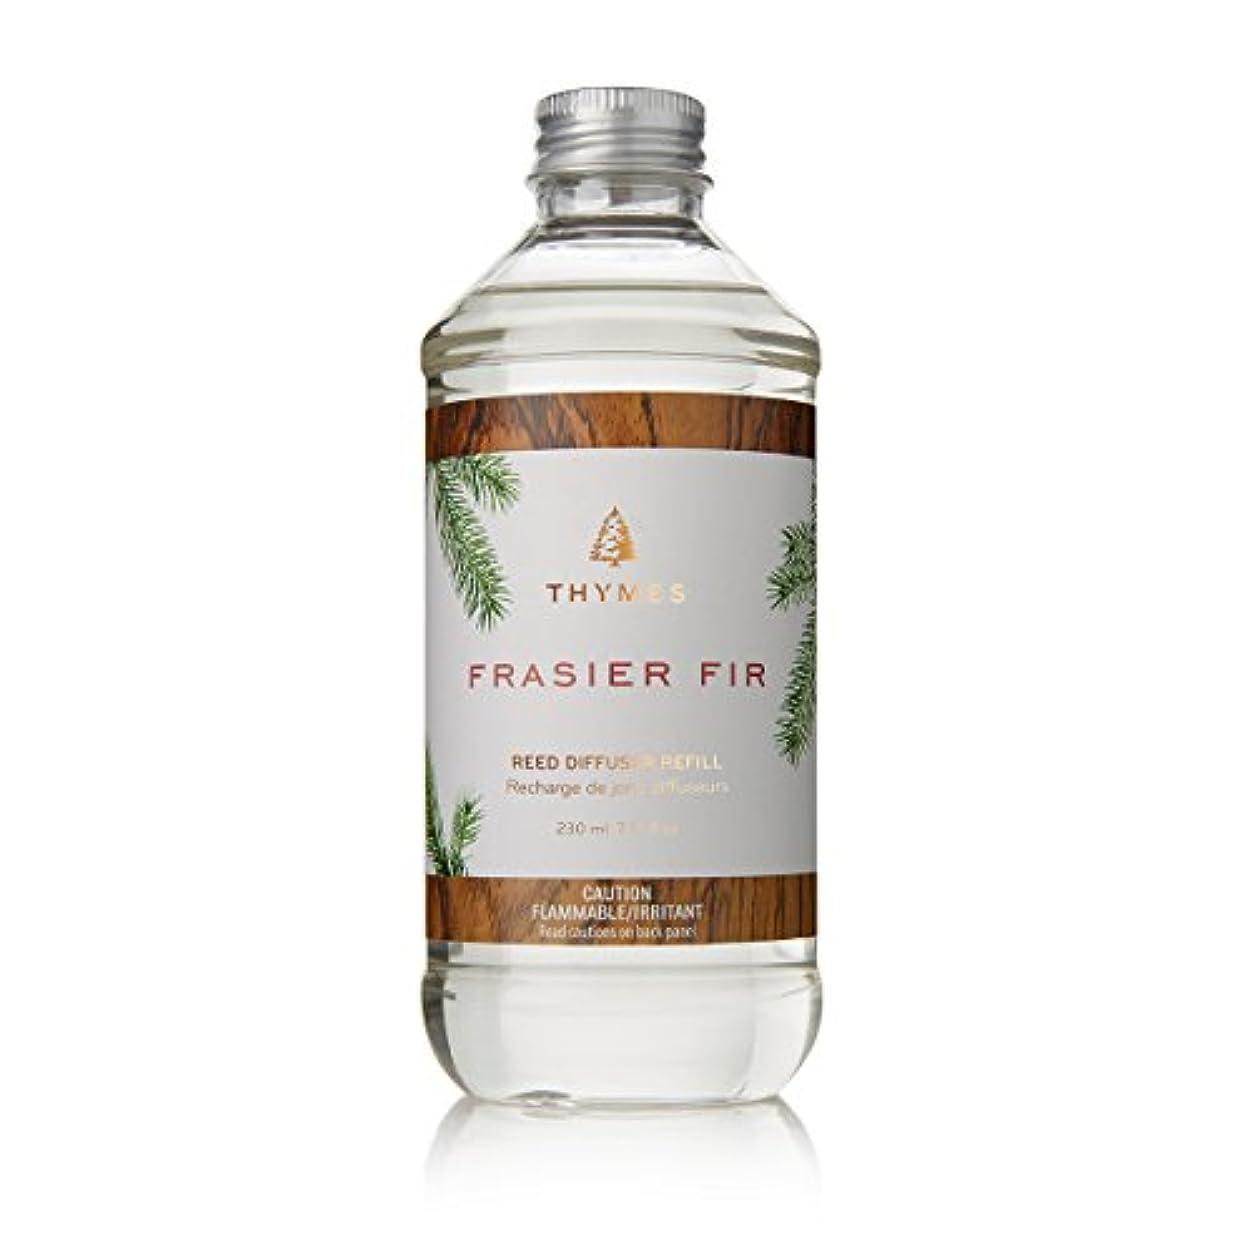 男やもめ子孫オッズThymes Fraiser Fir Reed Diffuser Oil Refill, 7.75 fl oz (230ml) by Thymes